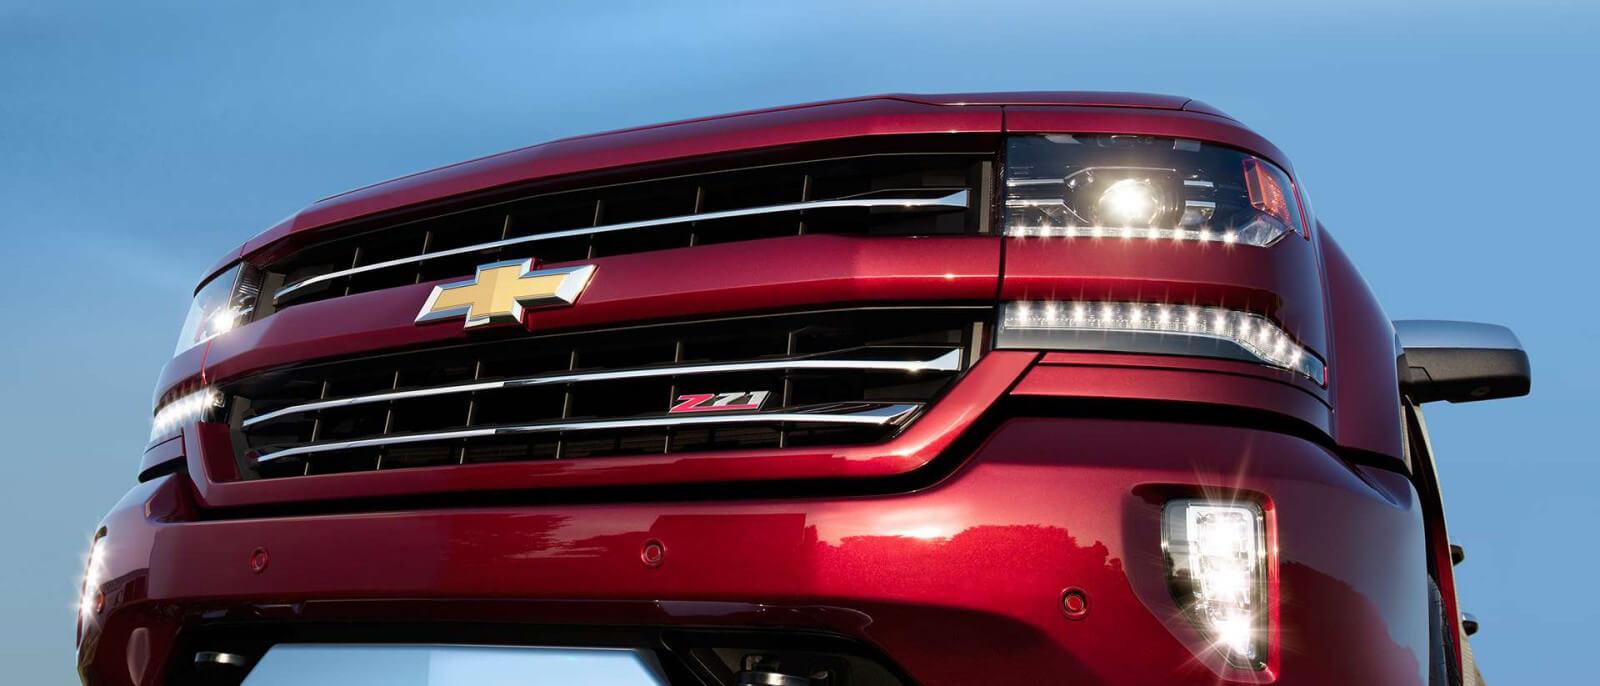 2017 Chevrolet Silverado 1500 exterior